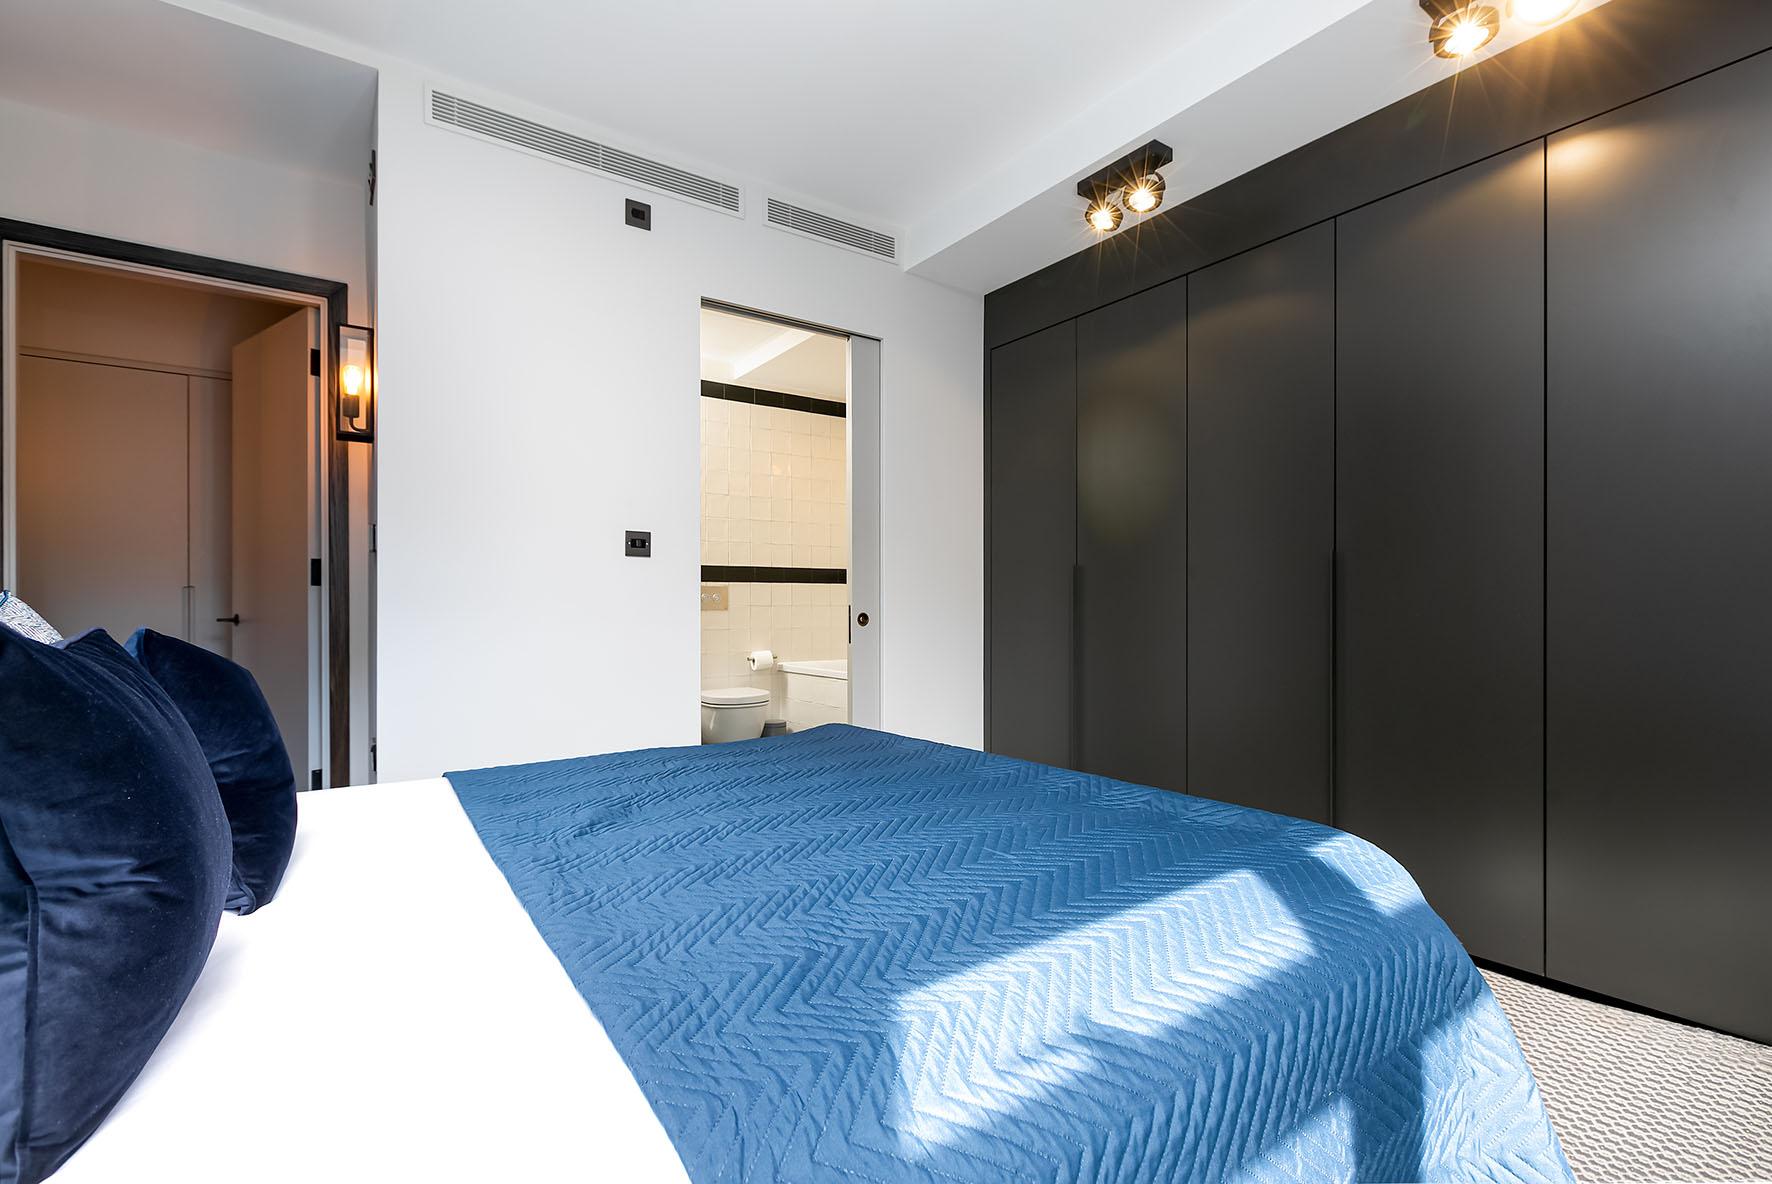 Lovelydays luxury service apartment rental - London - Soho - Oxford Street IV - Lovelysuite - 2 bedrooms - 2 bathrooms - Queen bed - eb205e2b0164 - Lovelydays